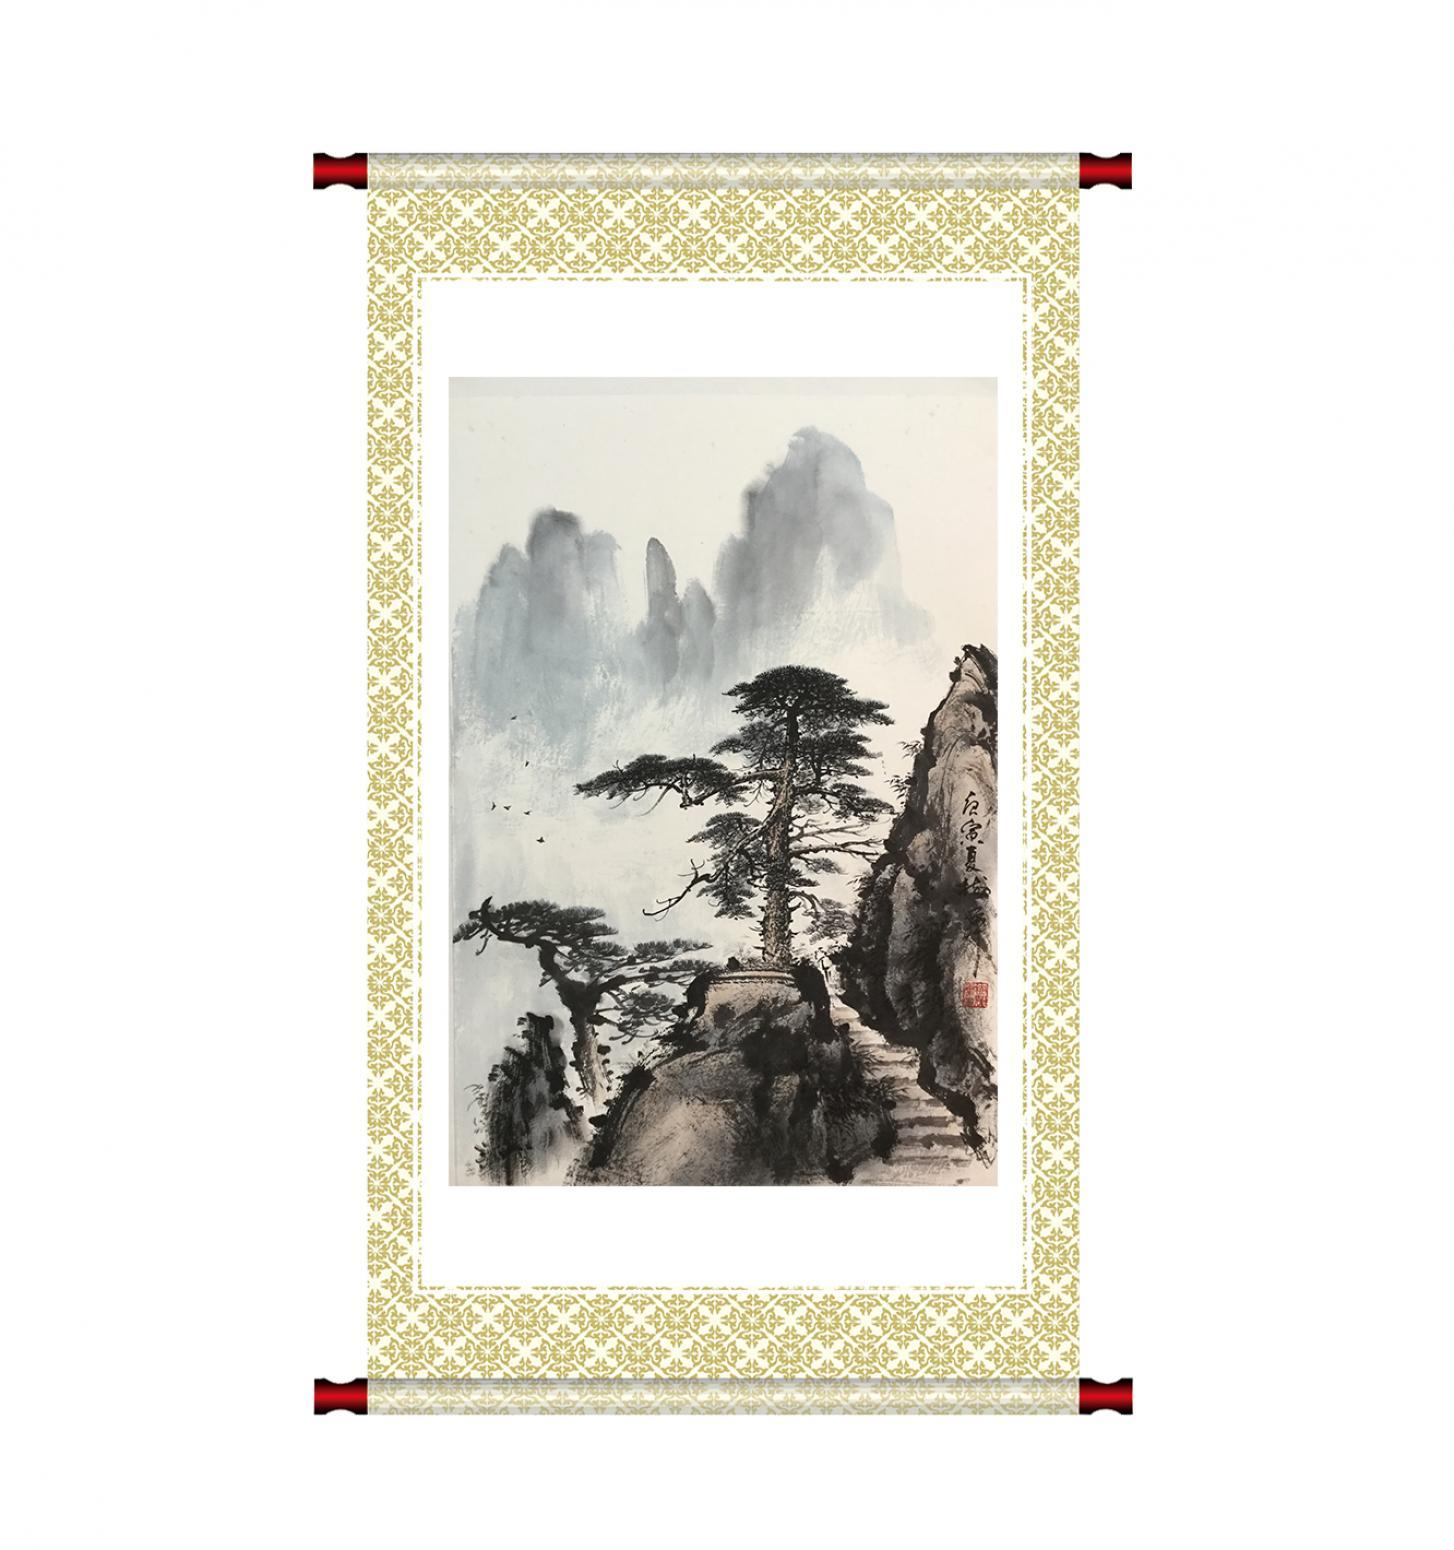 罗树辉国画作品《山水松树-不与相让》【图1】